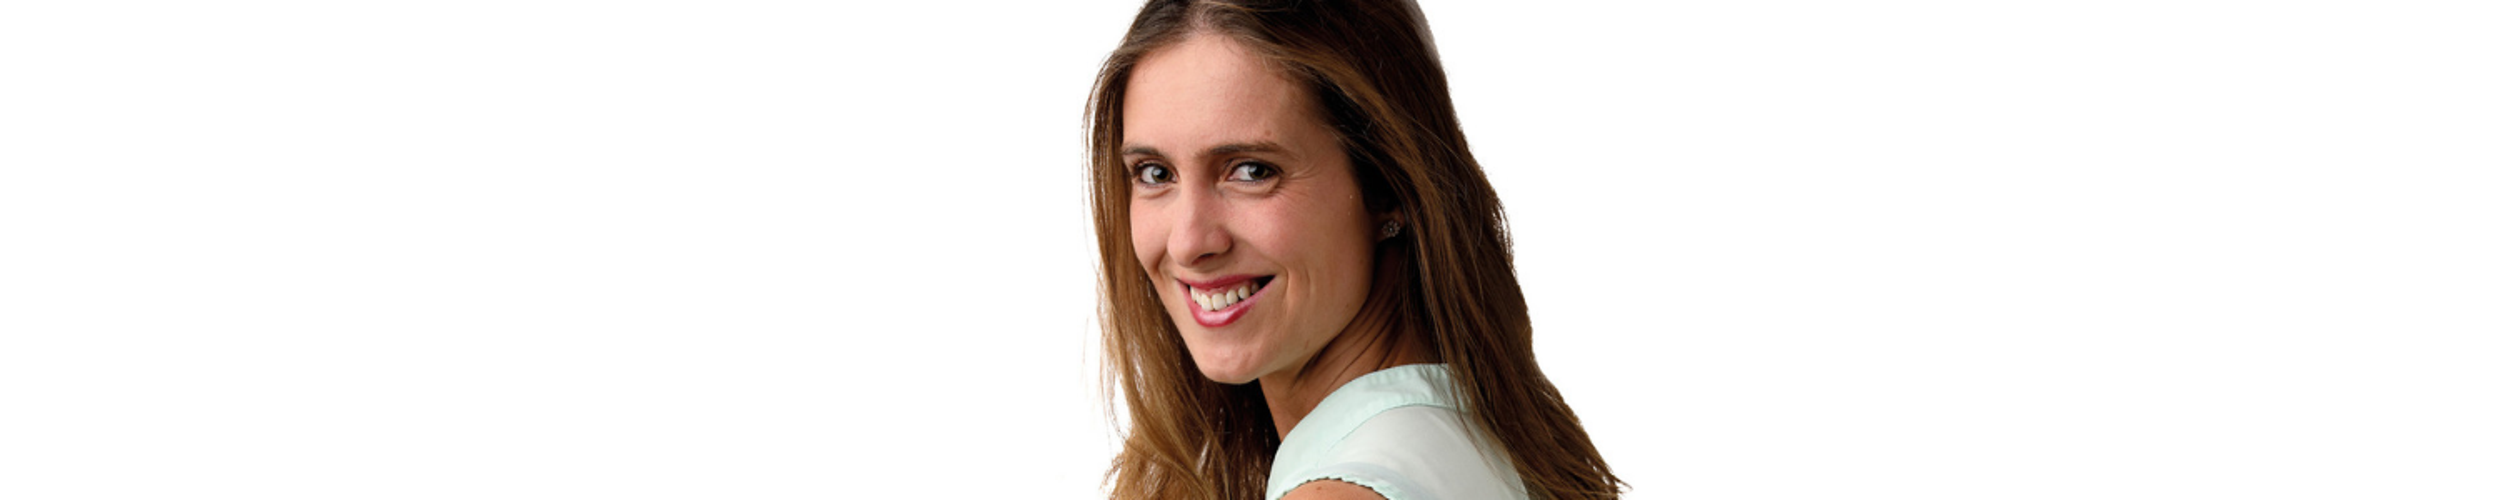 Jessica Corty